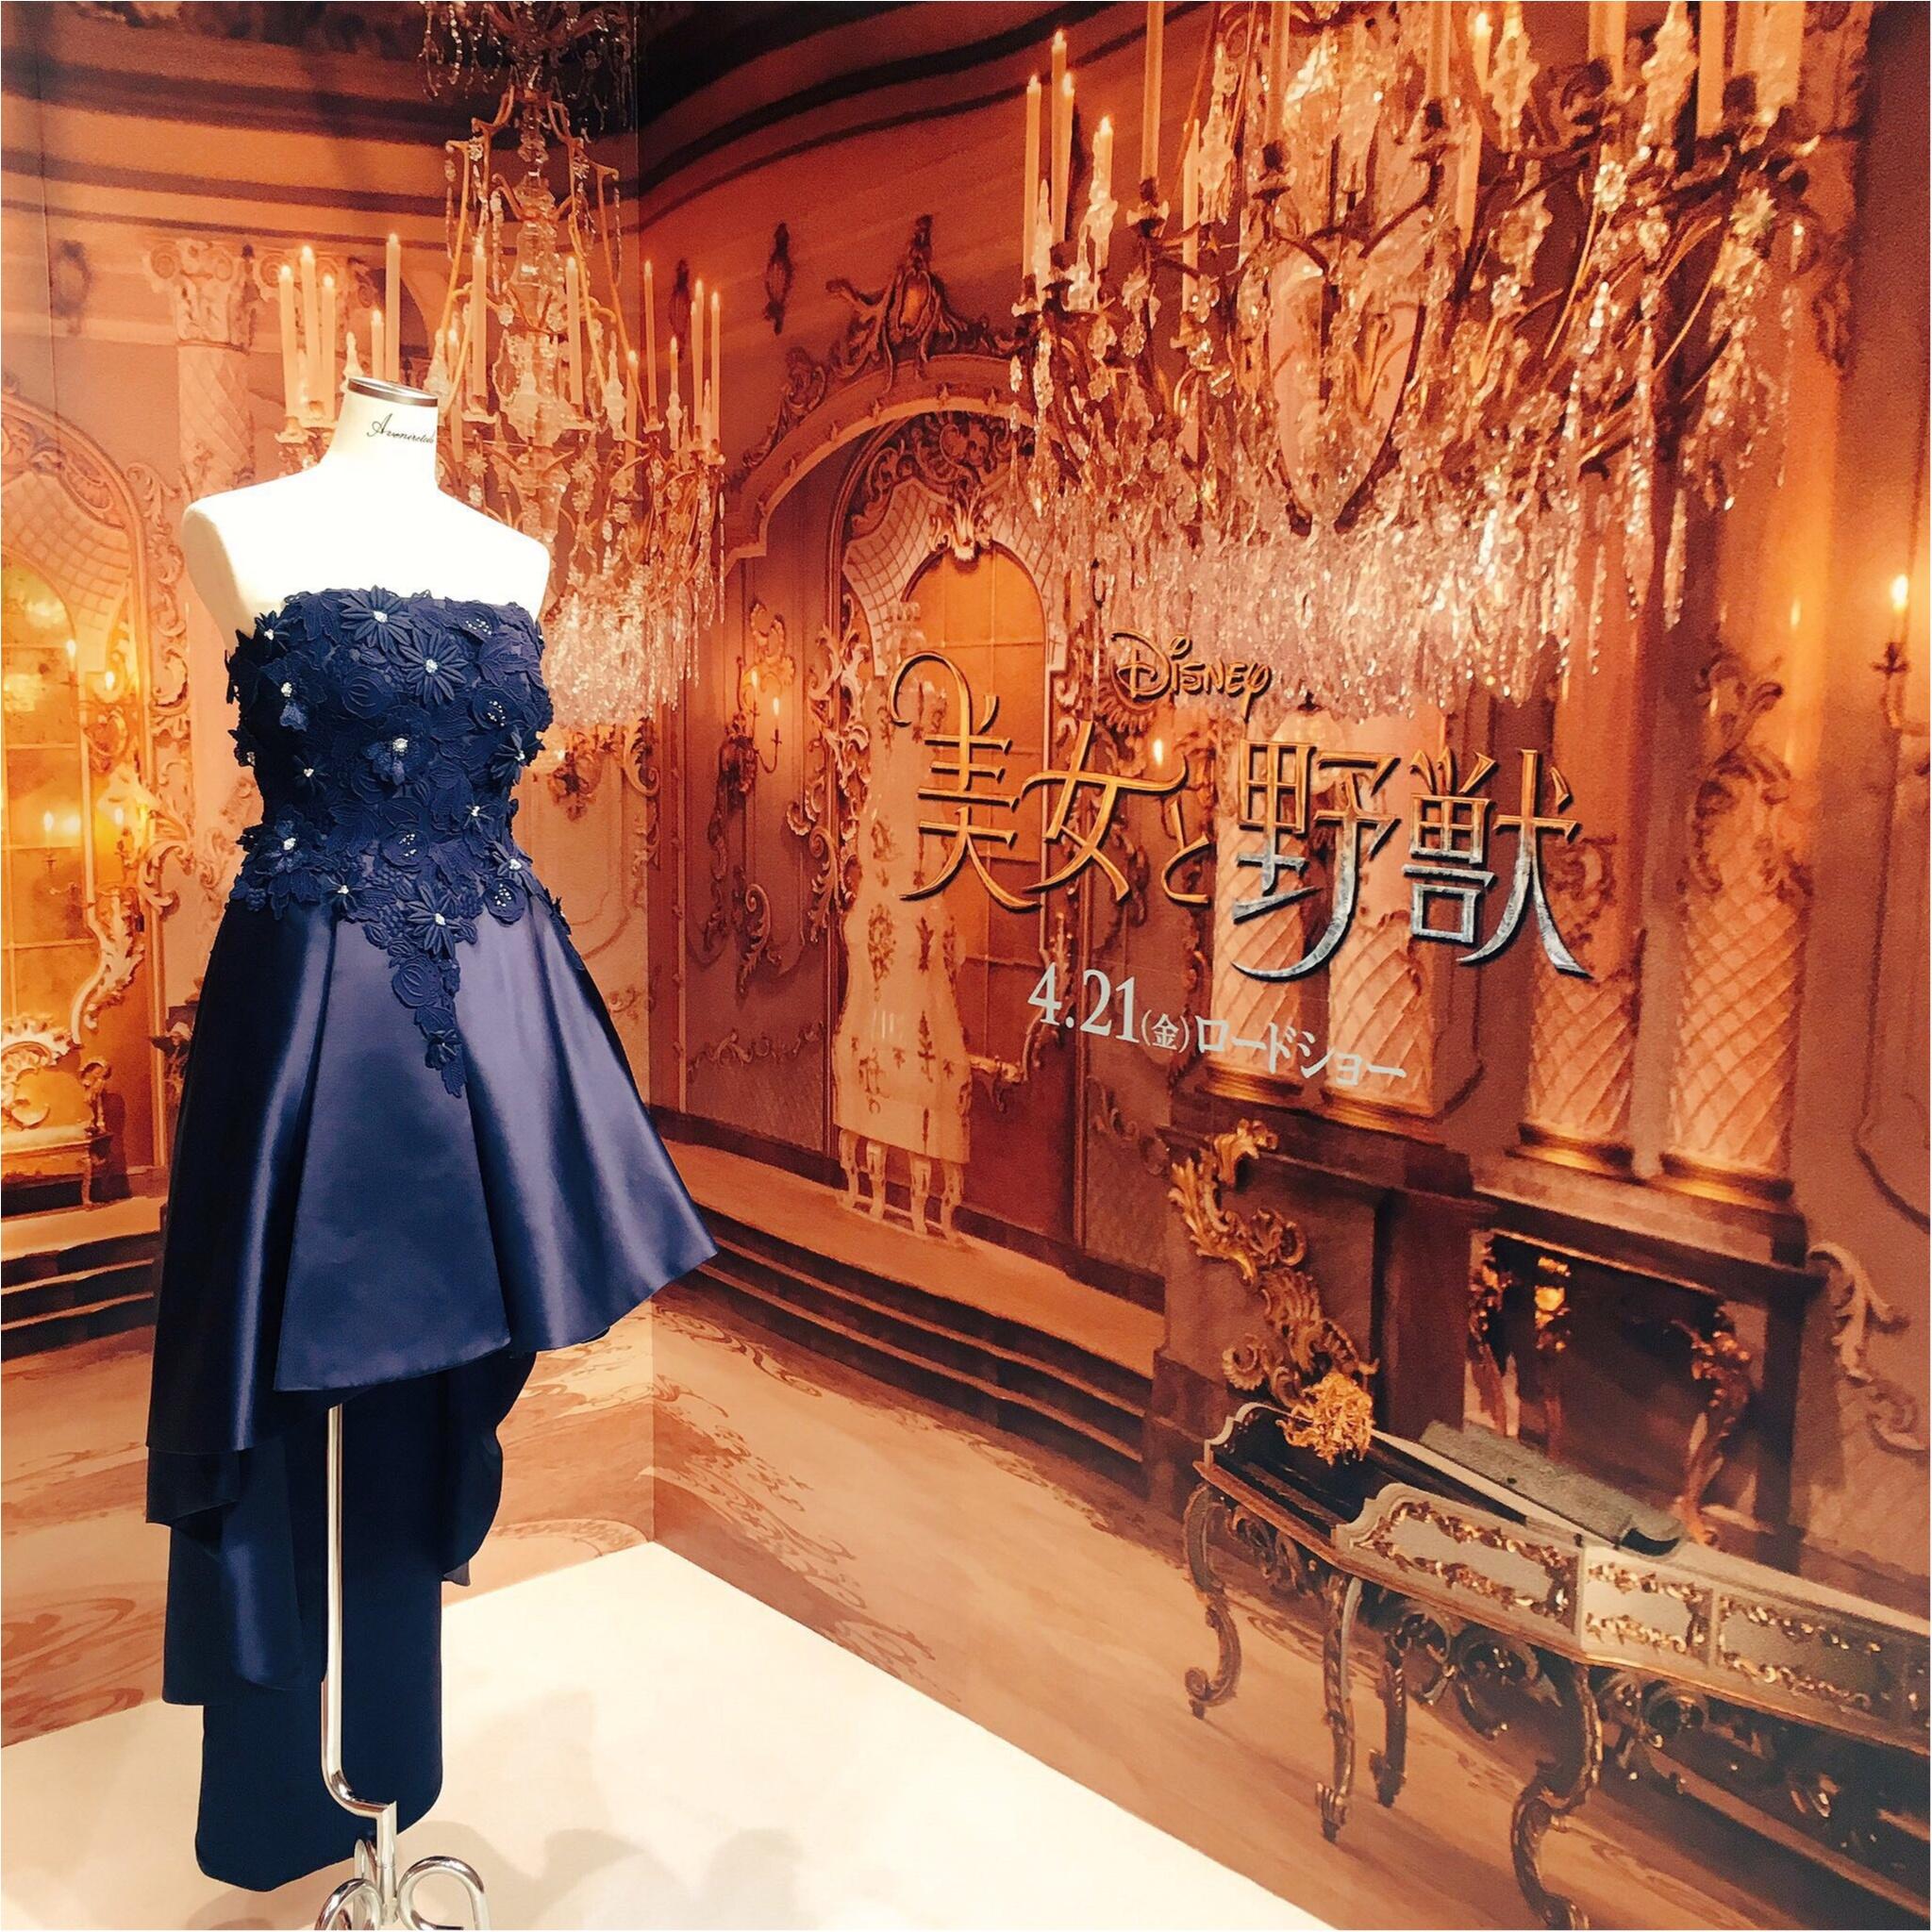 『美女と野獣』と伊勢丹展に行ってきました♡なんと、お値段◯◯◯万円のガラス製ローズドームの販売も…!_4